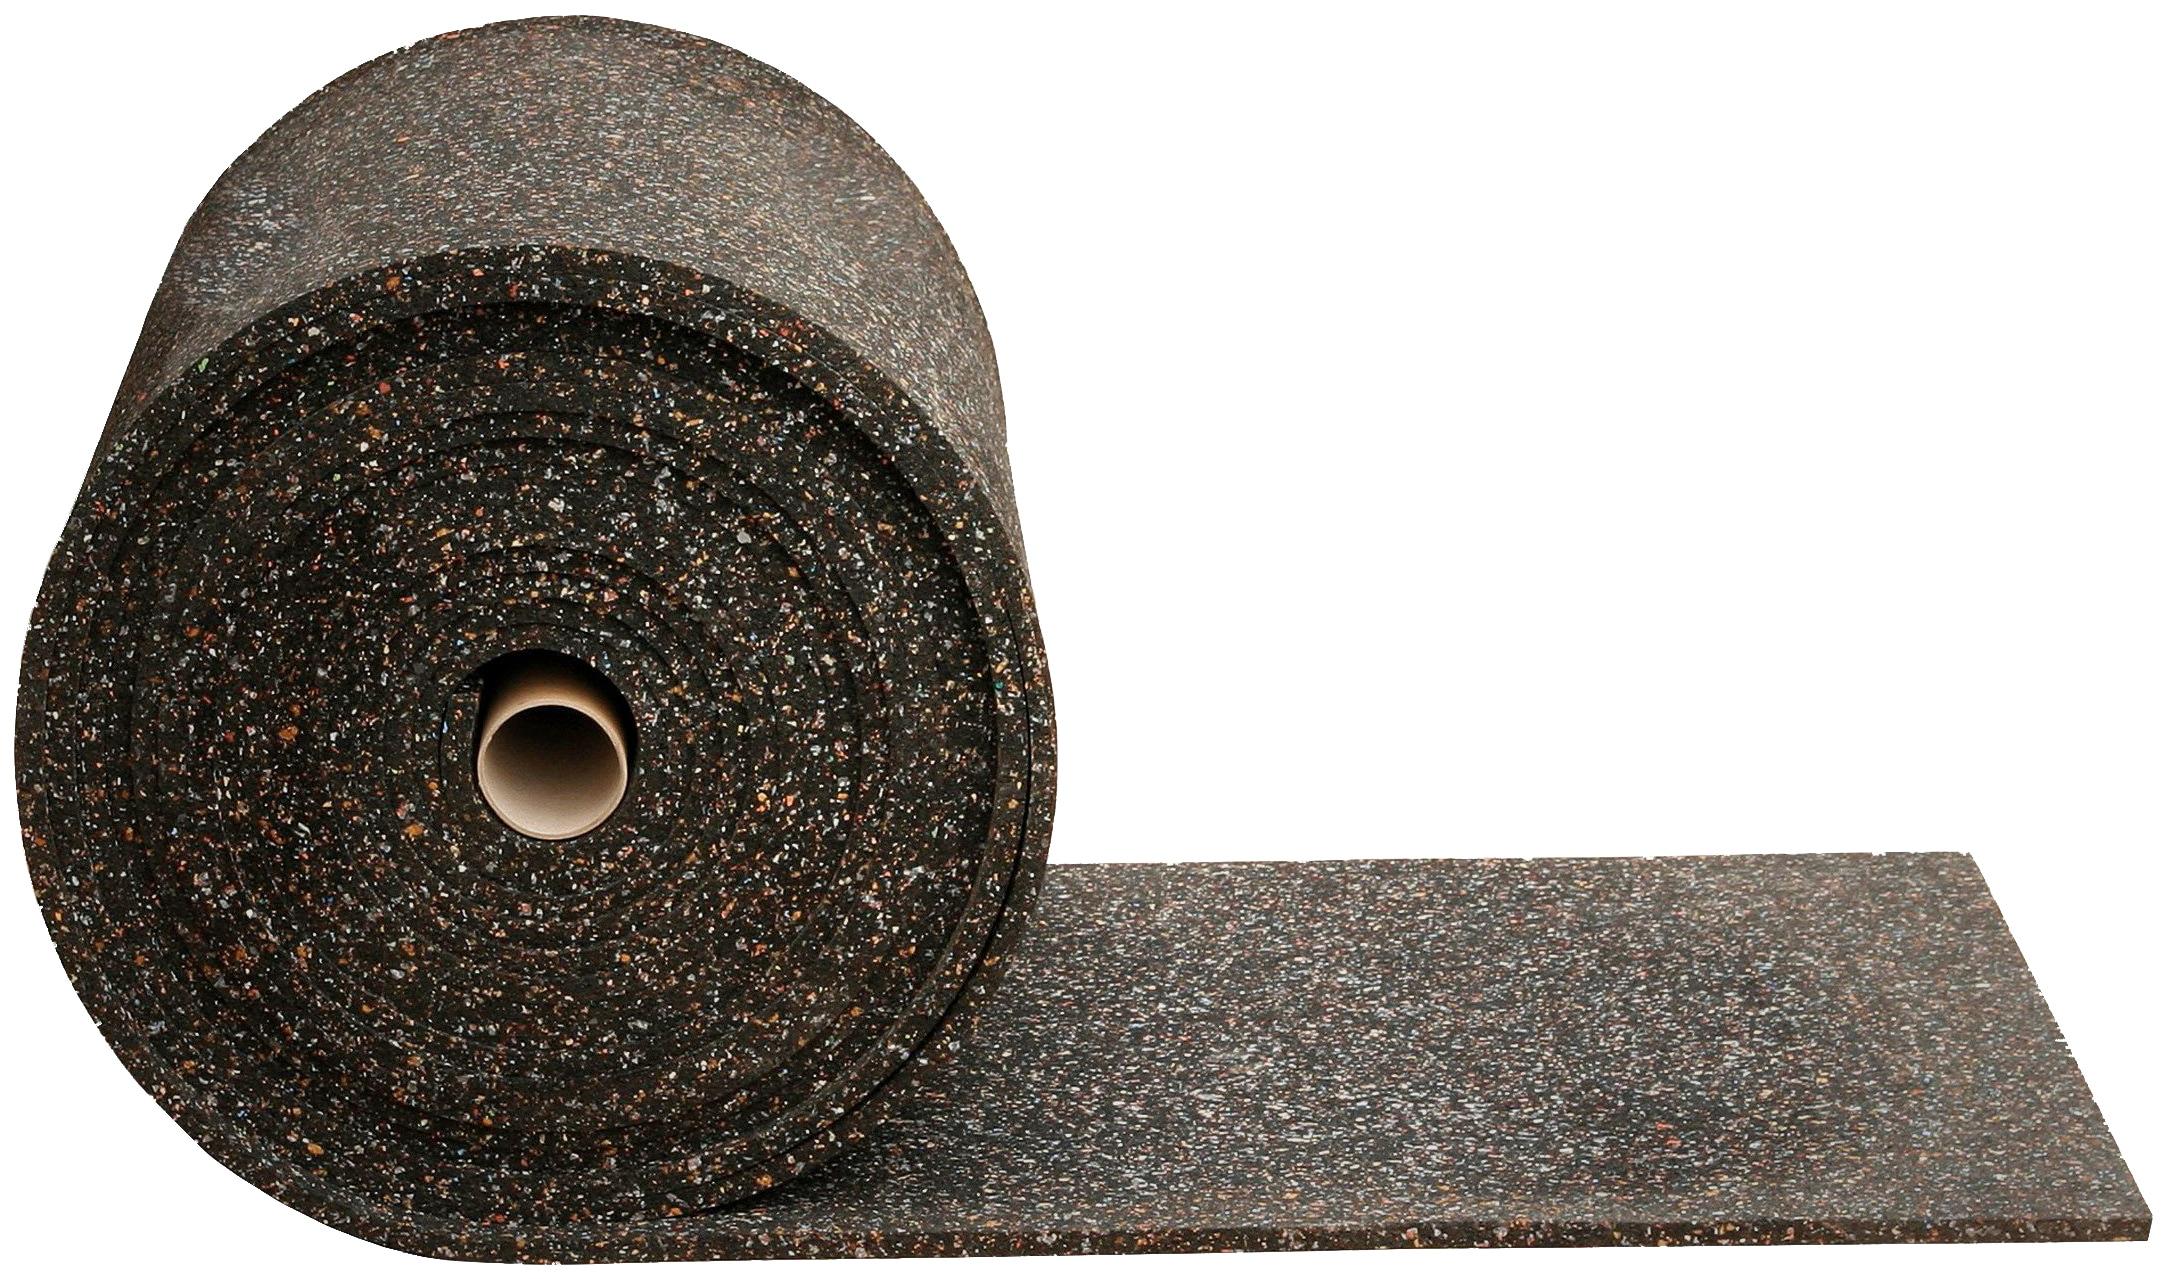 SZ METALL Gummimatte, zur Dämpfung, 200x60 cm (LxB) schwarz Gummimatte Metall